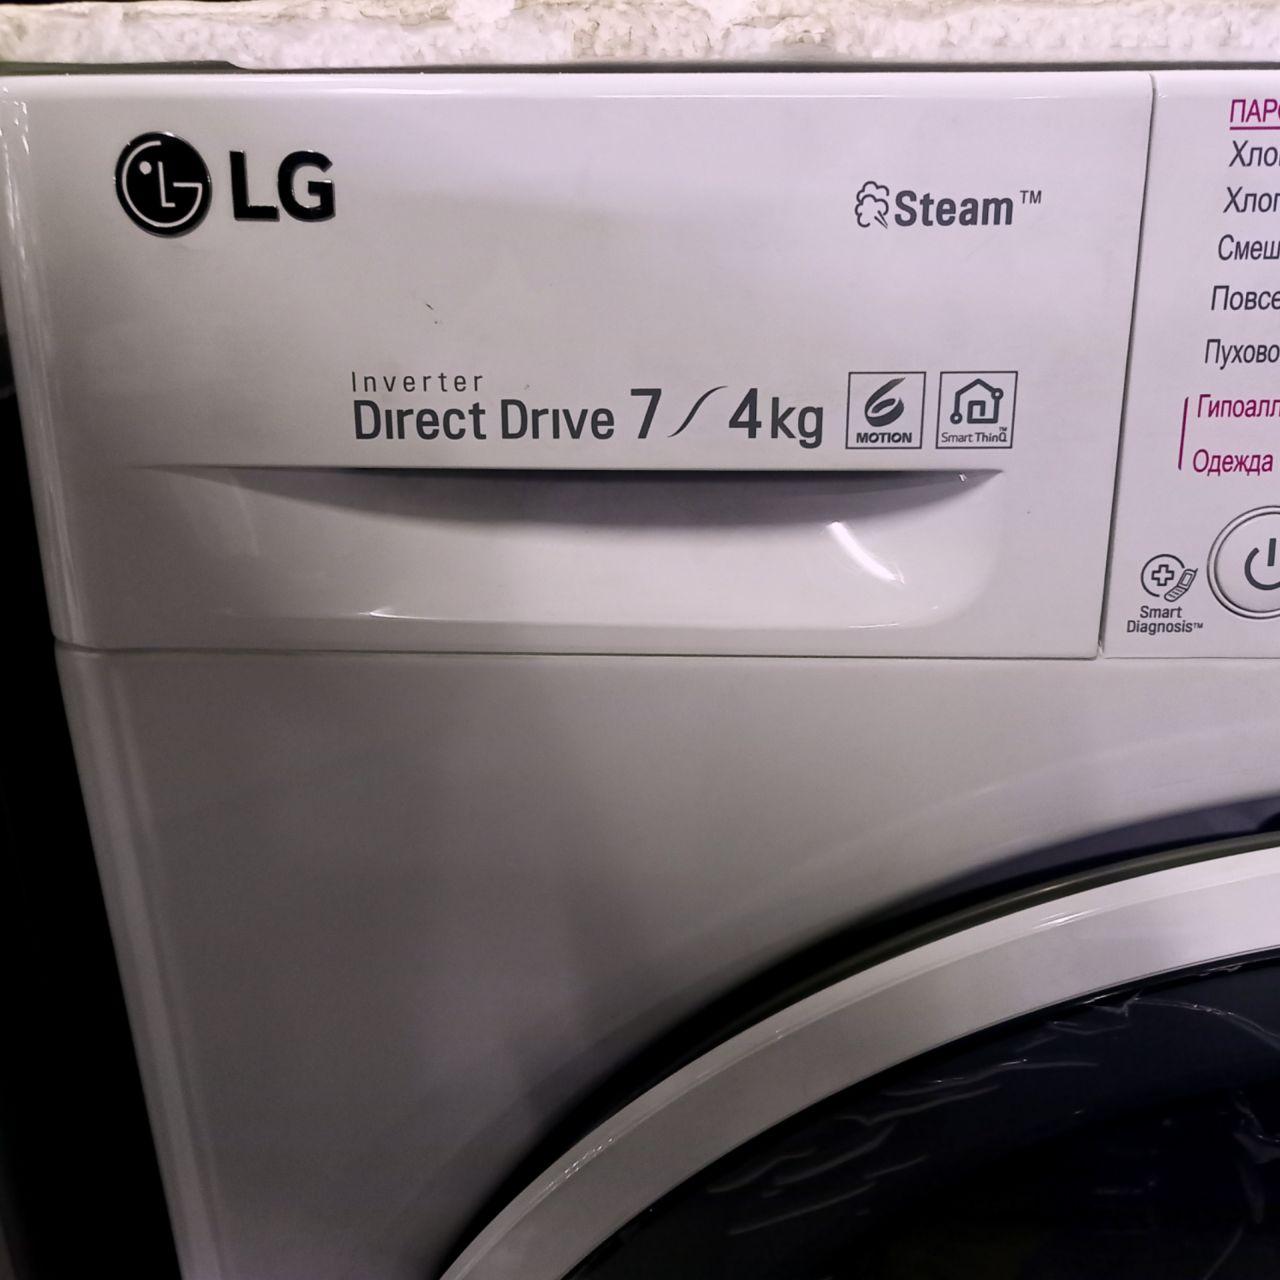 Стиральная машина LG 7 кг с сушкой 4 кг